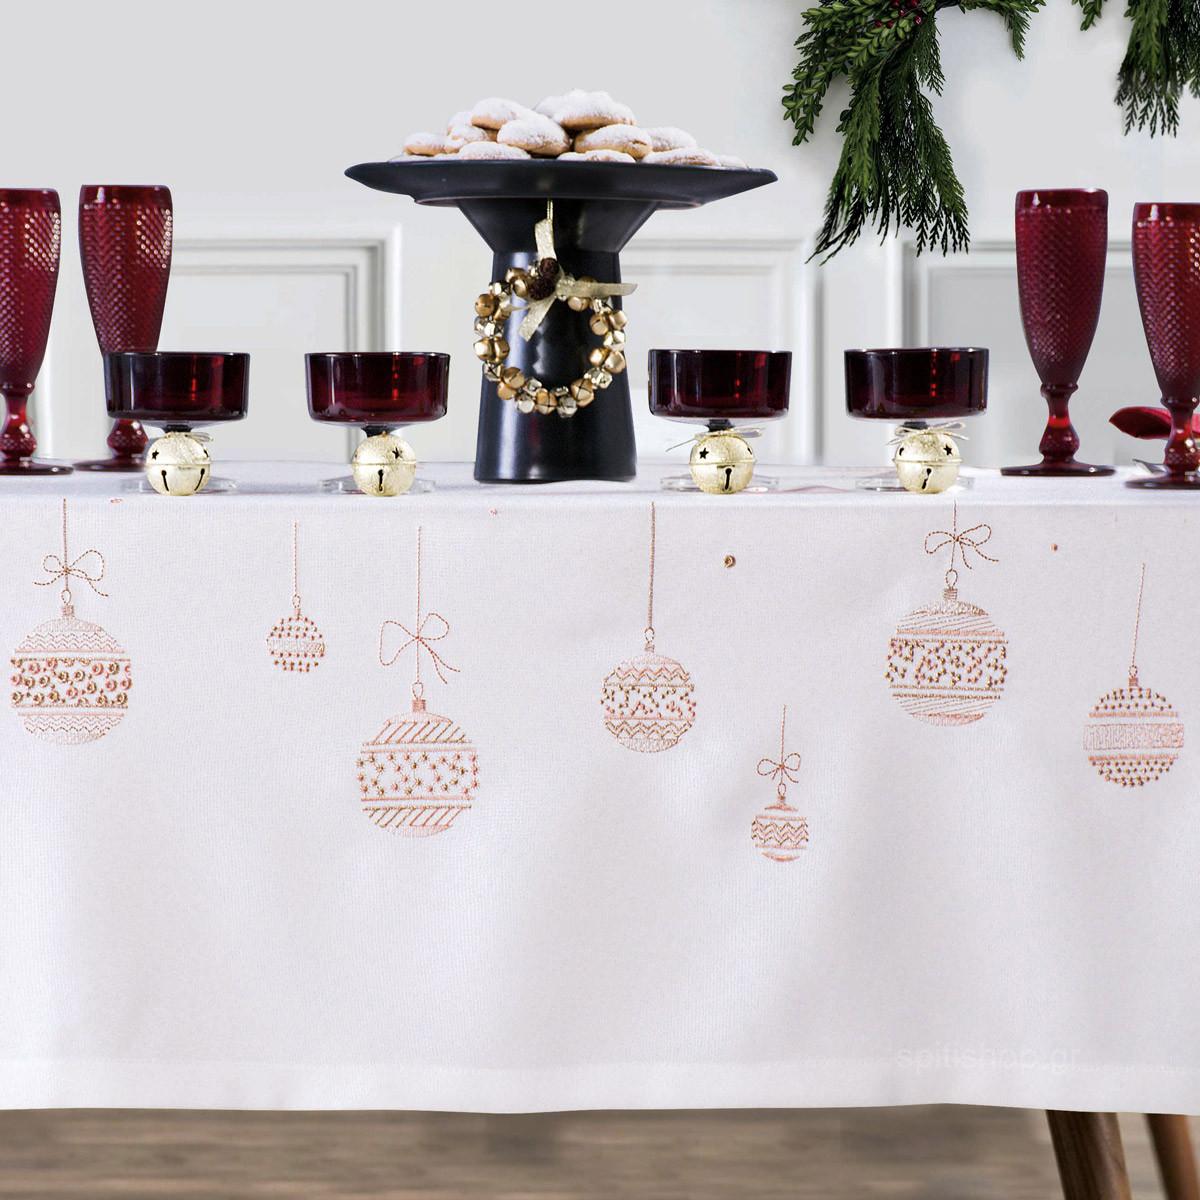 Χριστουγεννιάτικο Τραπεζομάντηλο (160×260) Makis Tselios Fest